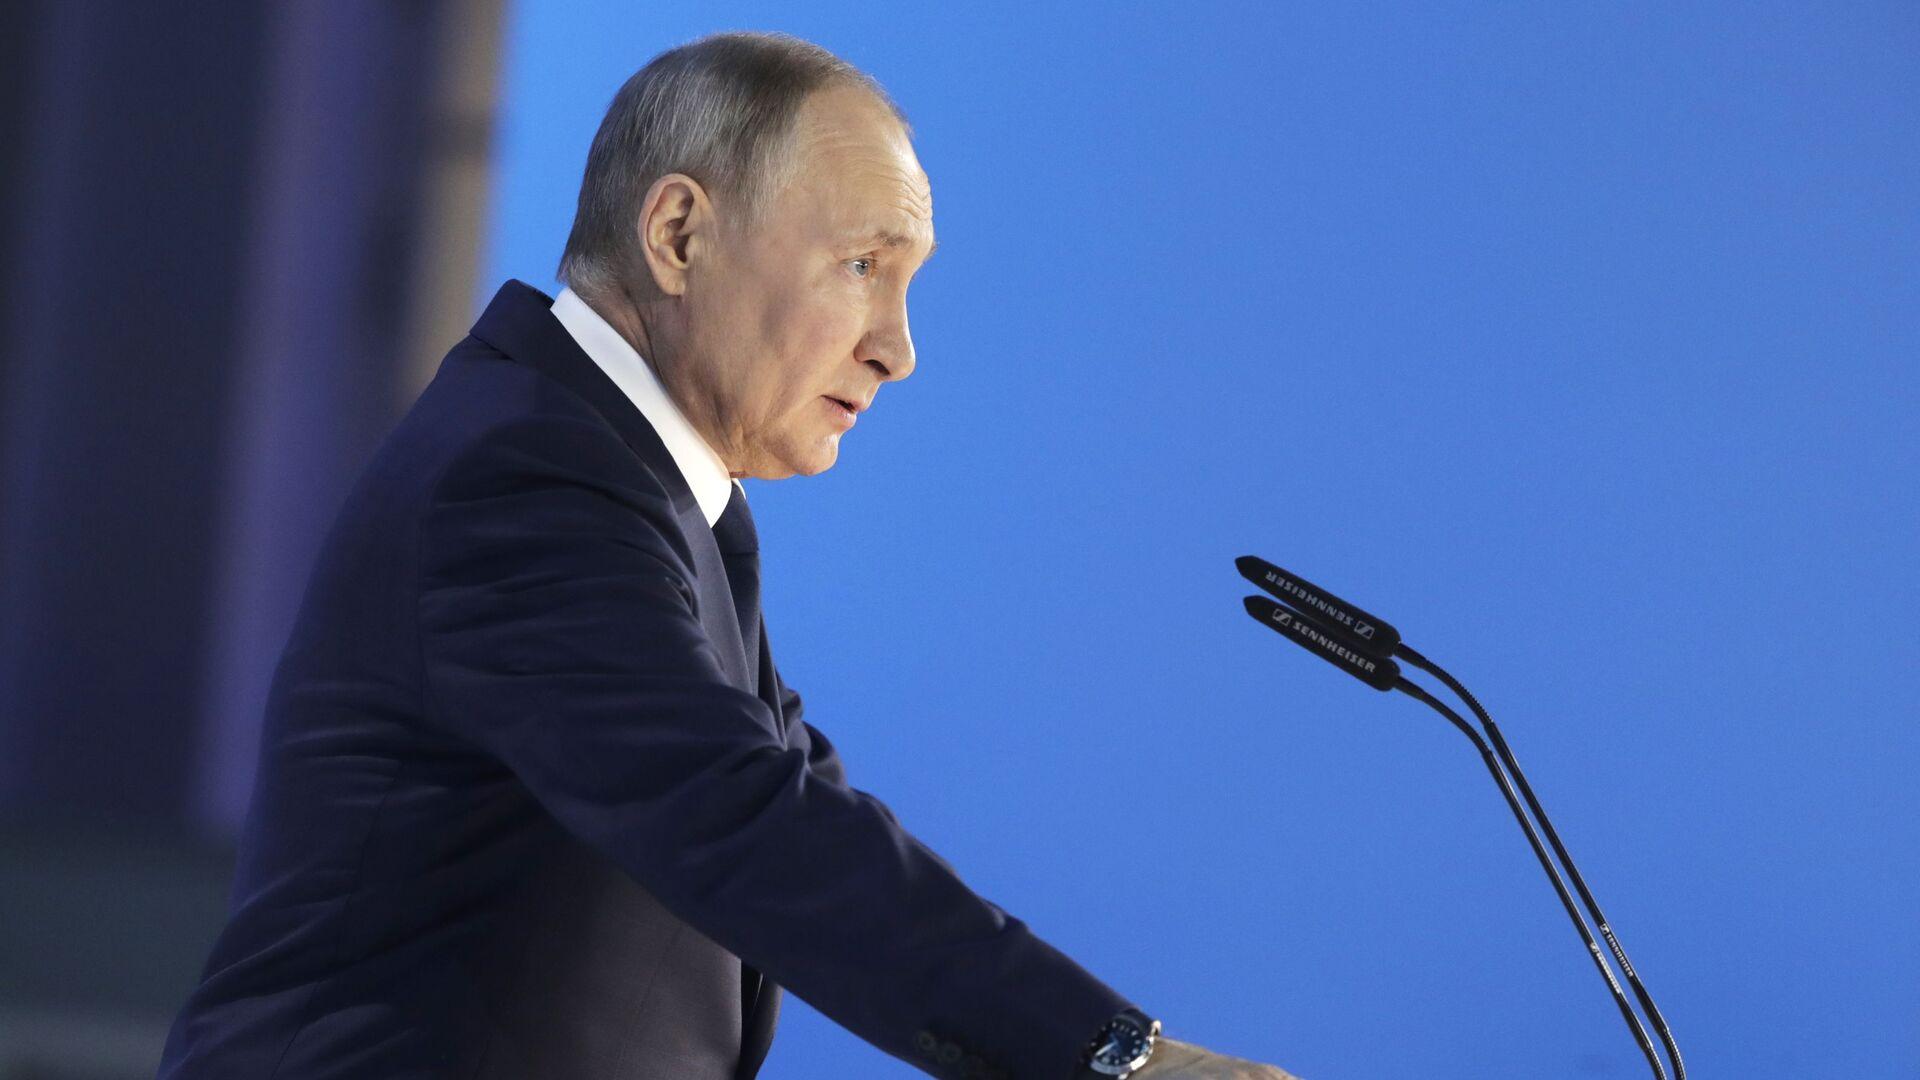 Президент РФ Владимир Путин выступает с ежегодным посланием Федеральному Собранию - Sputnik Česká republika, 1920, 22.04.2021